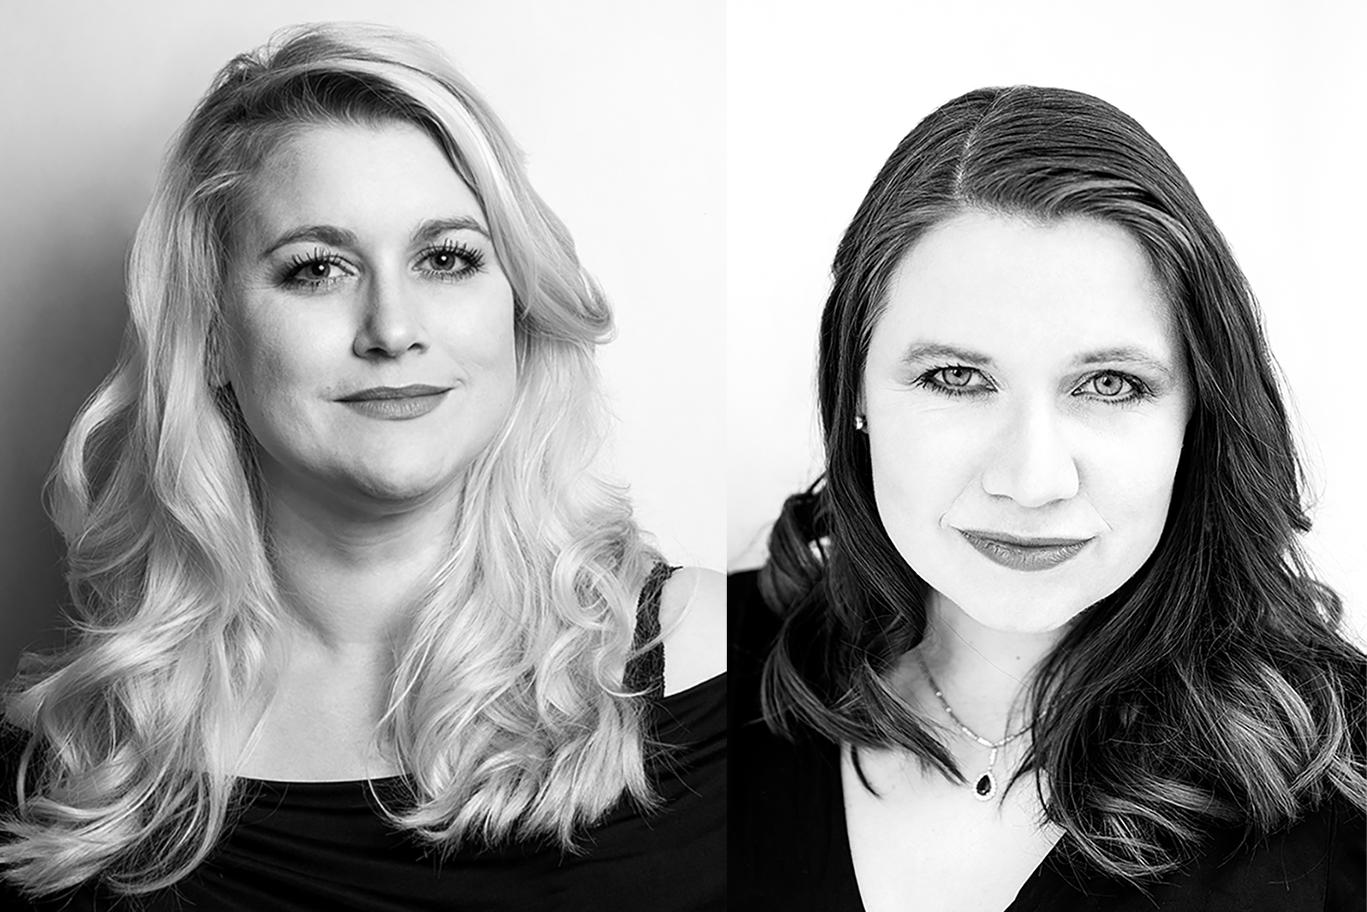 Kunstneriske ledere - Grethe Børsum og Heidi Trettøy Simonsen